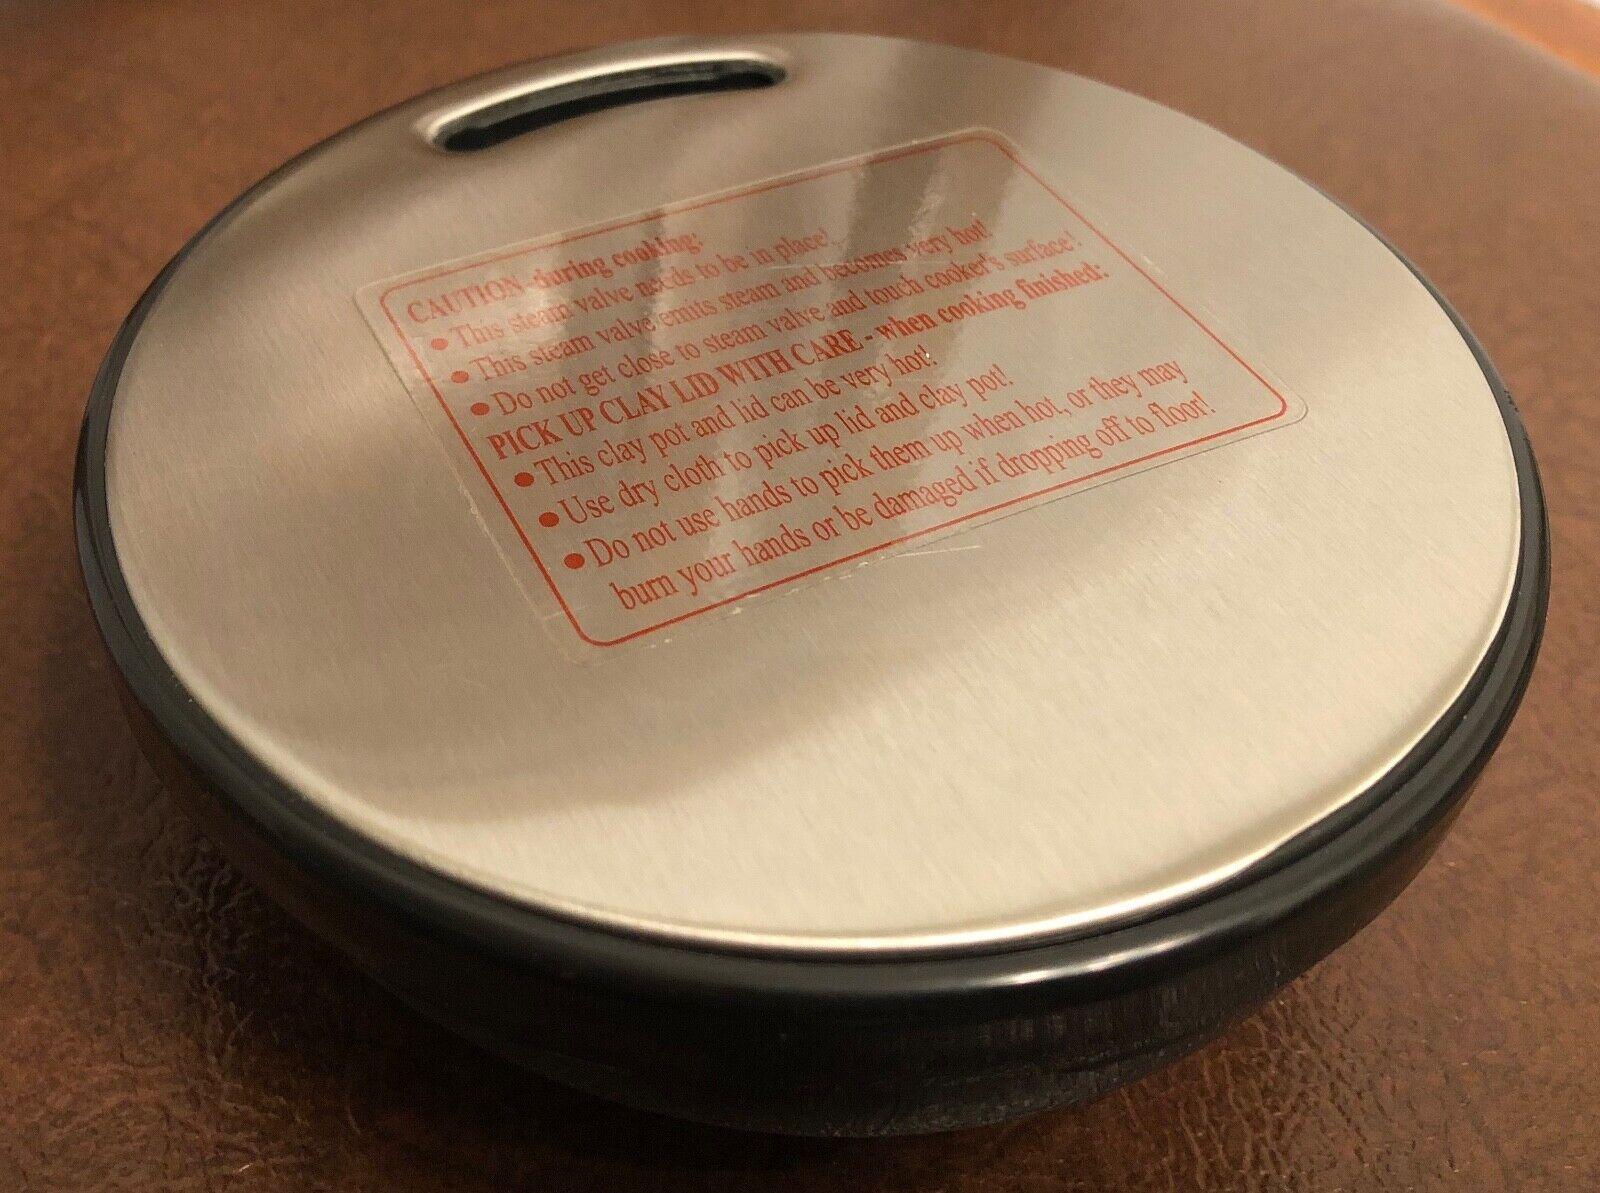 VitaClay Chef 8-Qt Slow Cooker Steam Cap - Fits VM7900-8